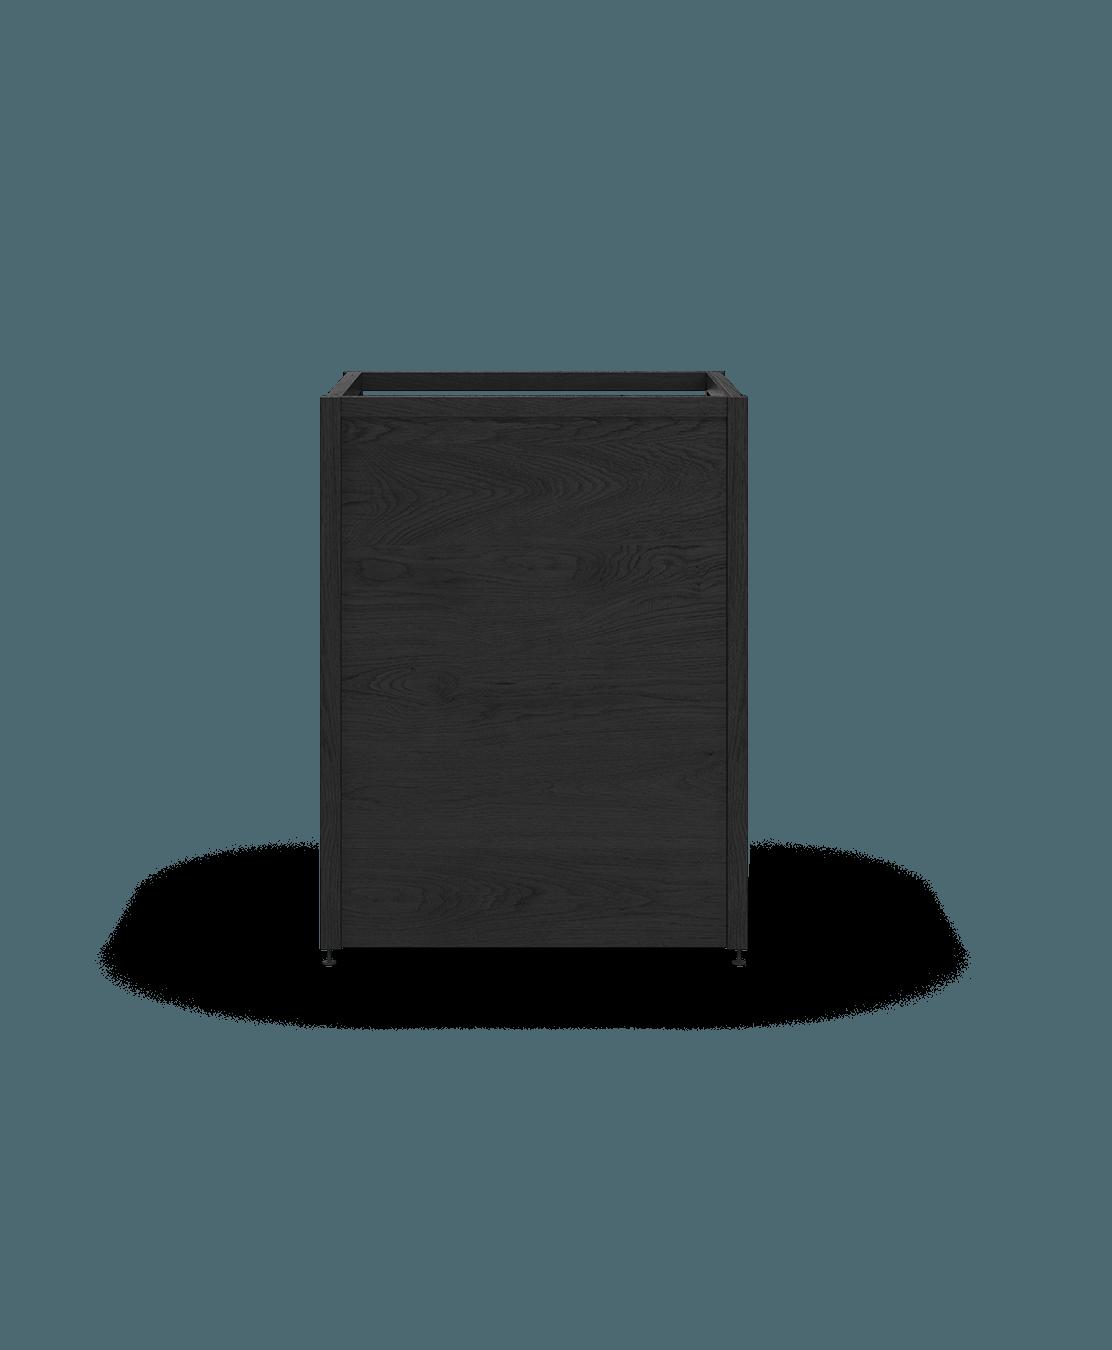 ensemble pour armoire de cuisine modulaire pour electromenagers encastrables en bois massif coquo radix chêne teint noir nuit profonde 26,5 pouces C1-A-24TB-0000-BK